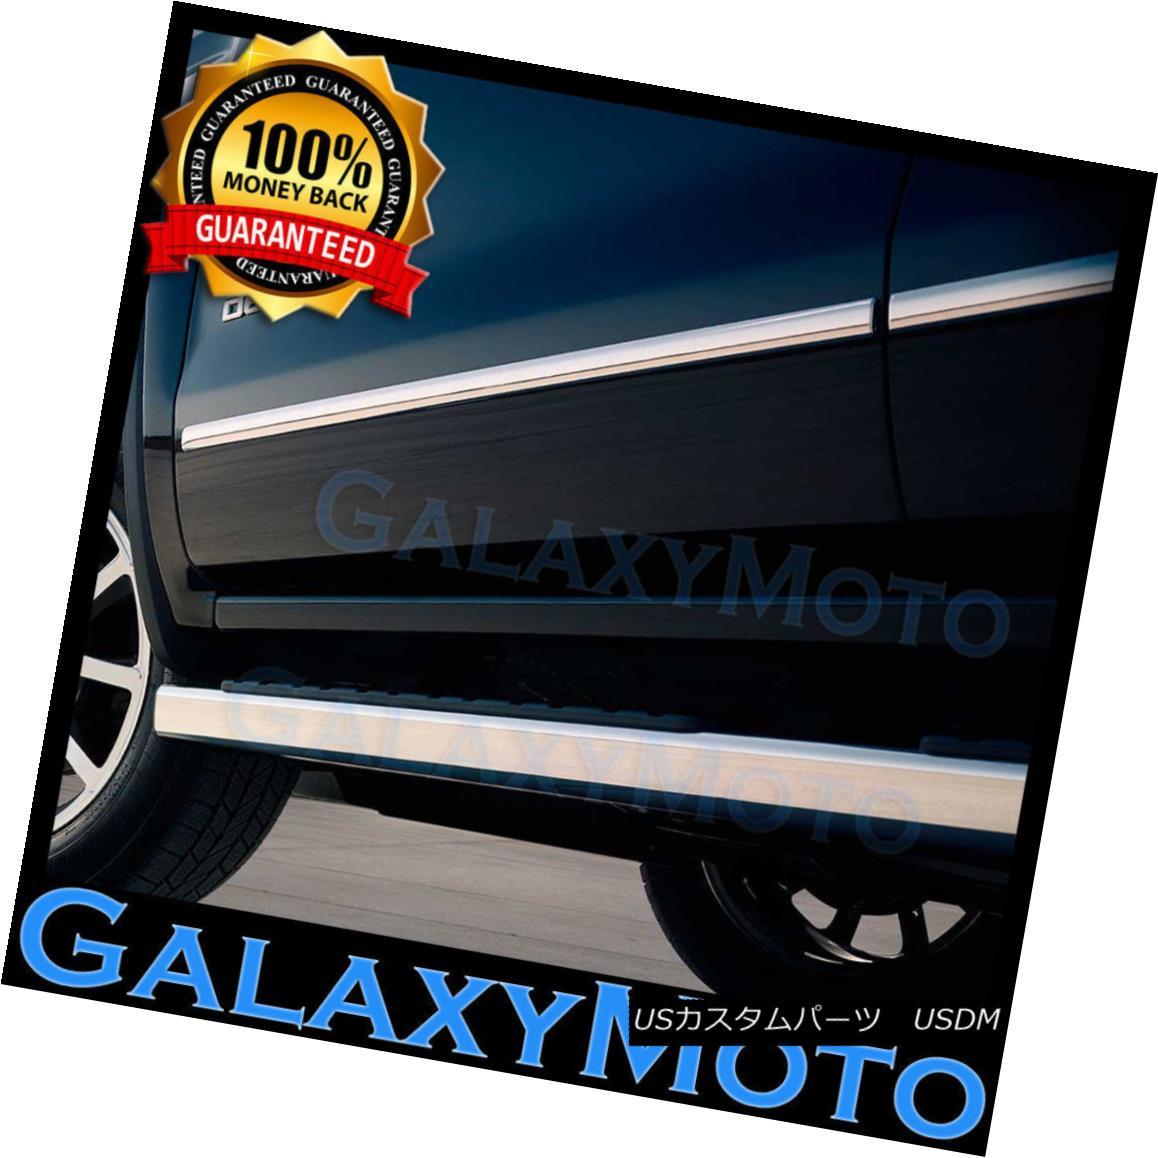 グリル 15-16 Ford F150 Extended Cab 4 Door Front+Rear Chrome Body Side Molding 4pcs set 15-16 Ford F150拡張キャブ4ドアフロント+リアクロムボディサイドモールディング4個セット